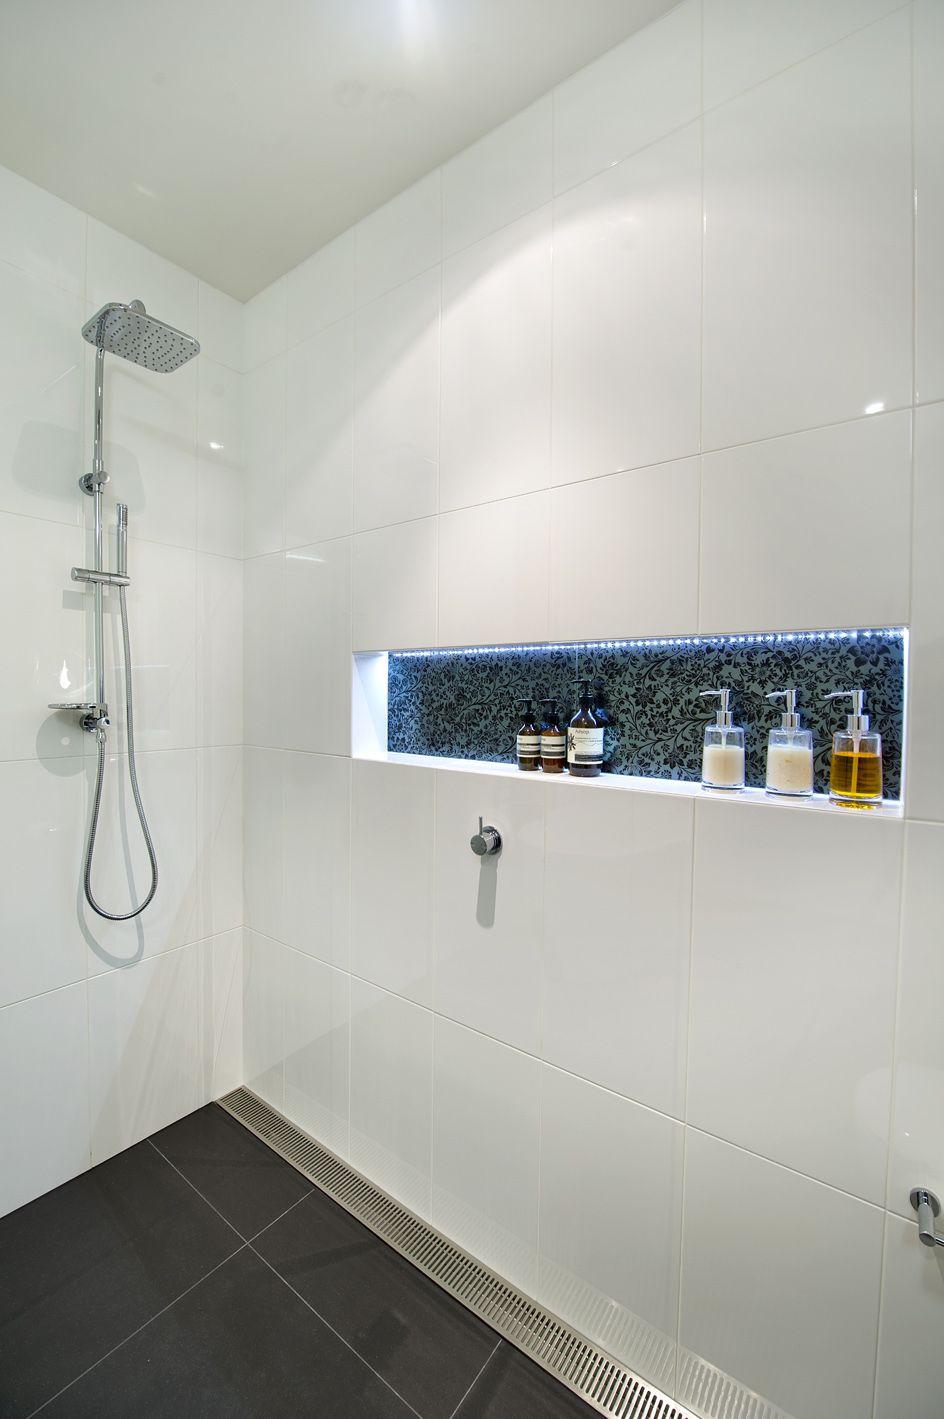 Photo Gallery Bathroom Kitchen Projects Bubbles Bathrooms Rekonstrukciya Vannoj Dushevye Polki Plitka V Dushevuyu